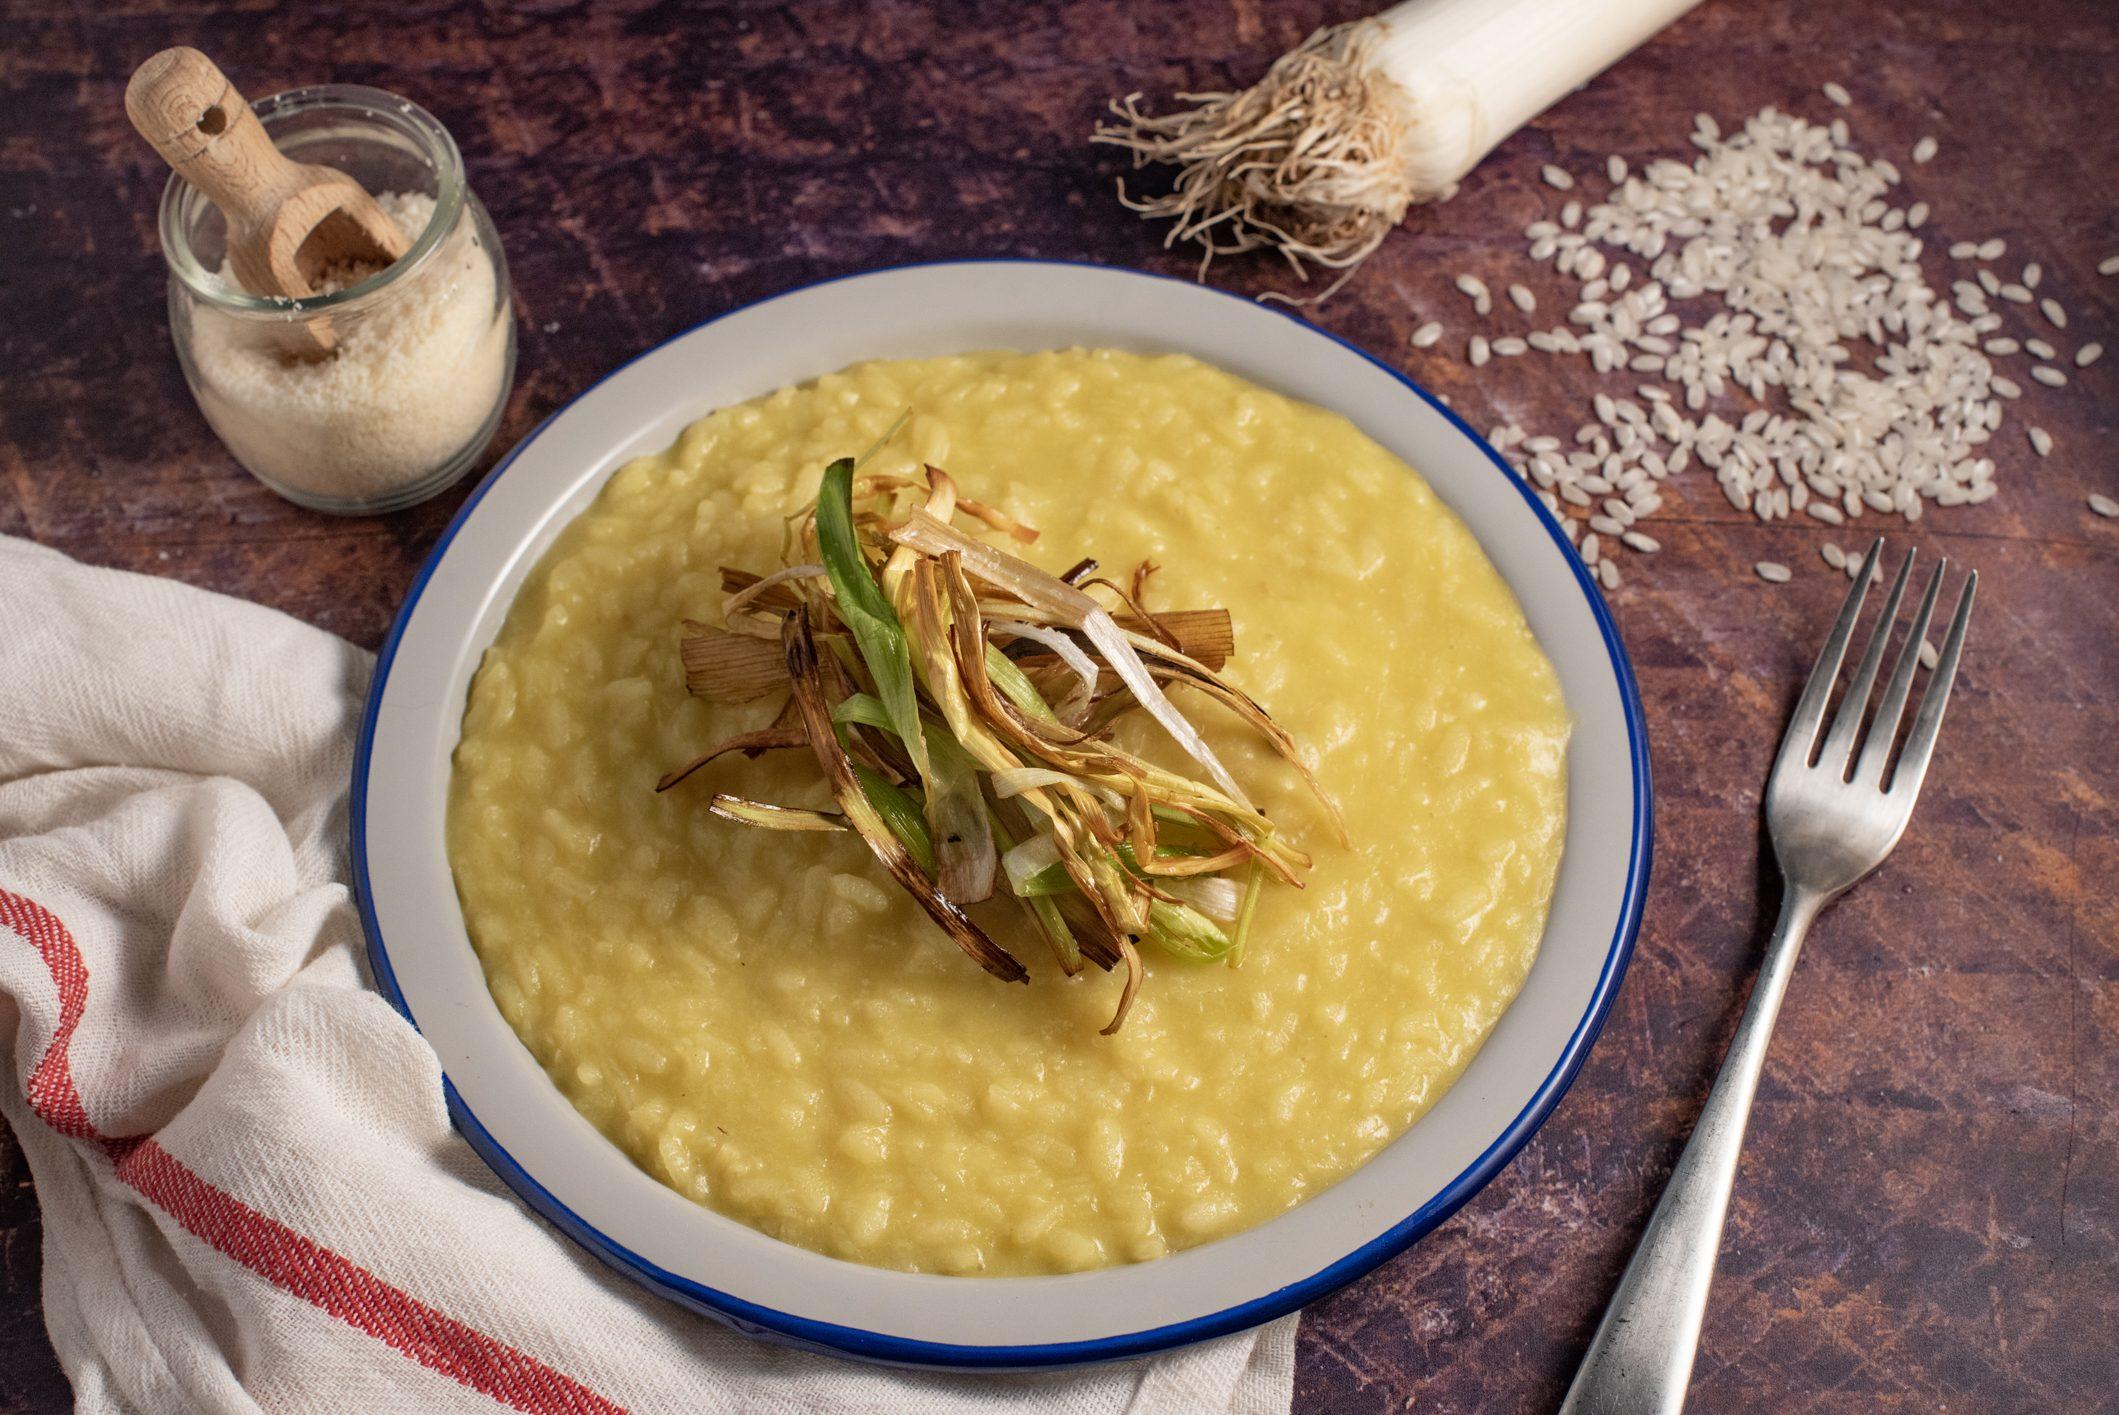 Risotto porri e zafferano: la ricetta del piatto goloso e raffinato